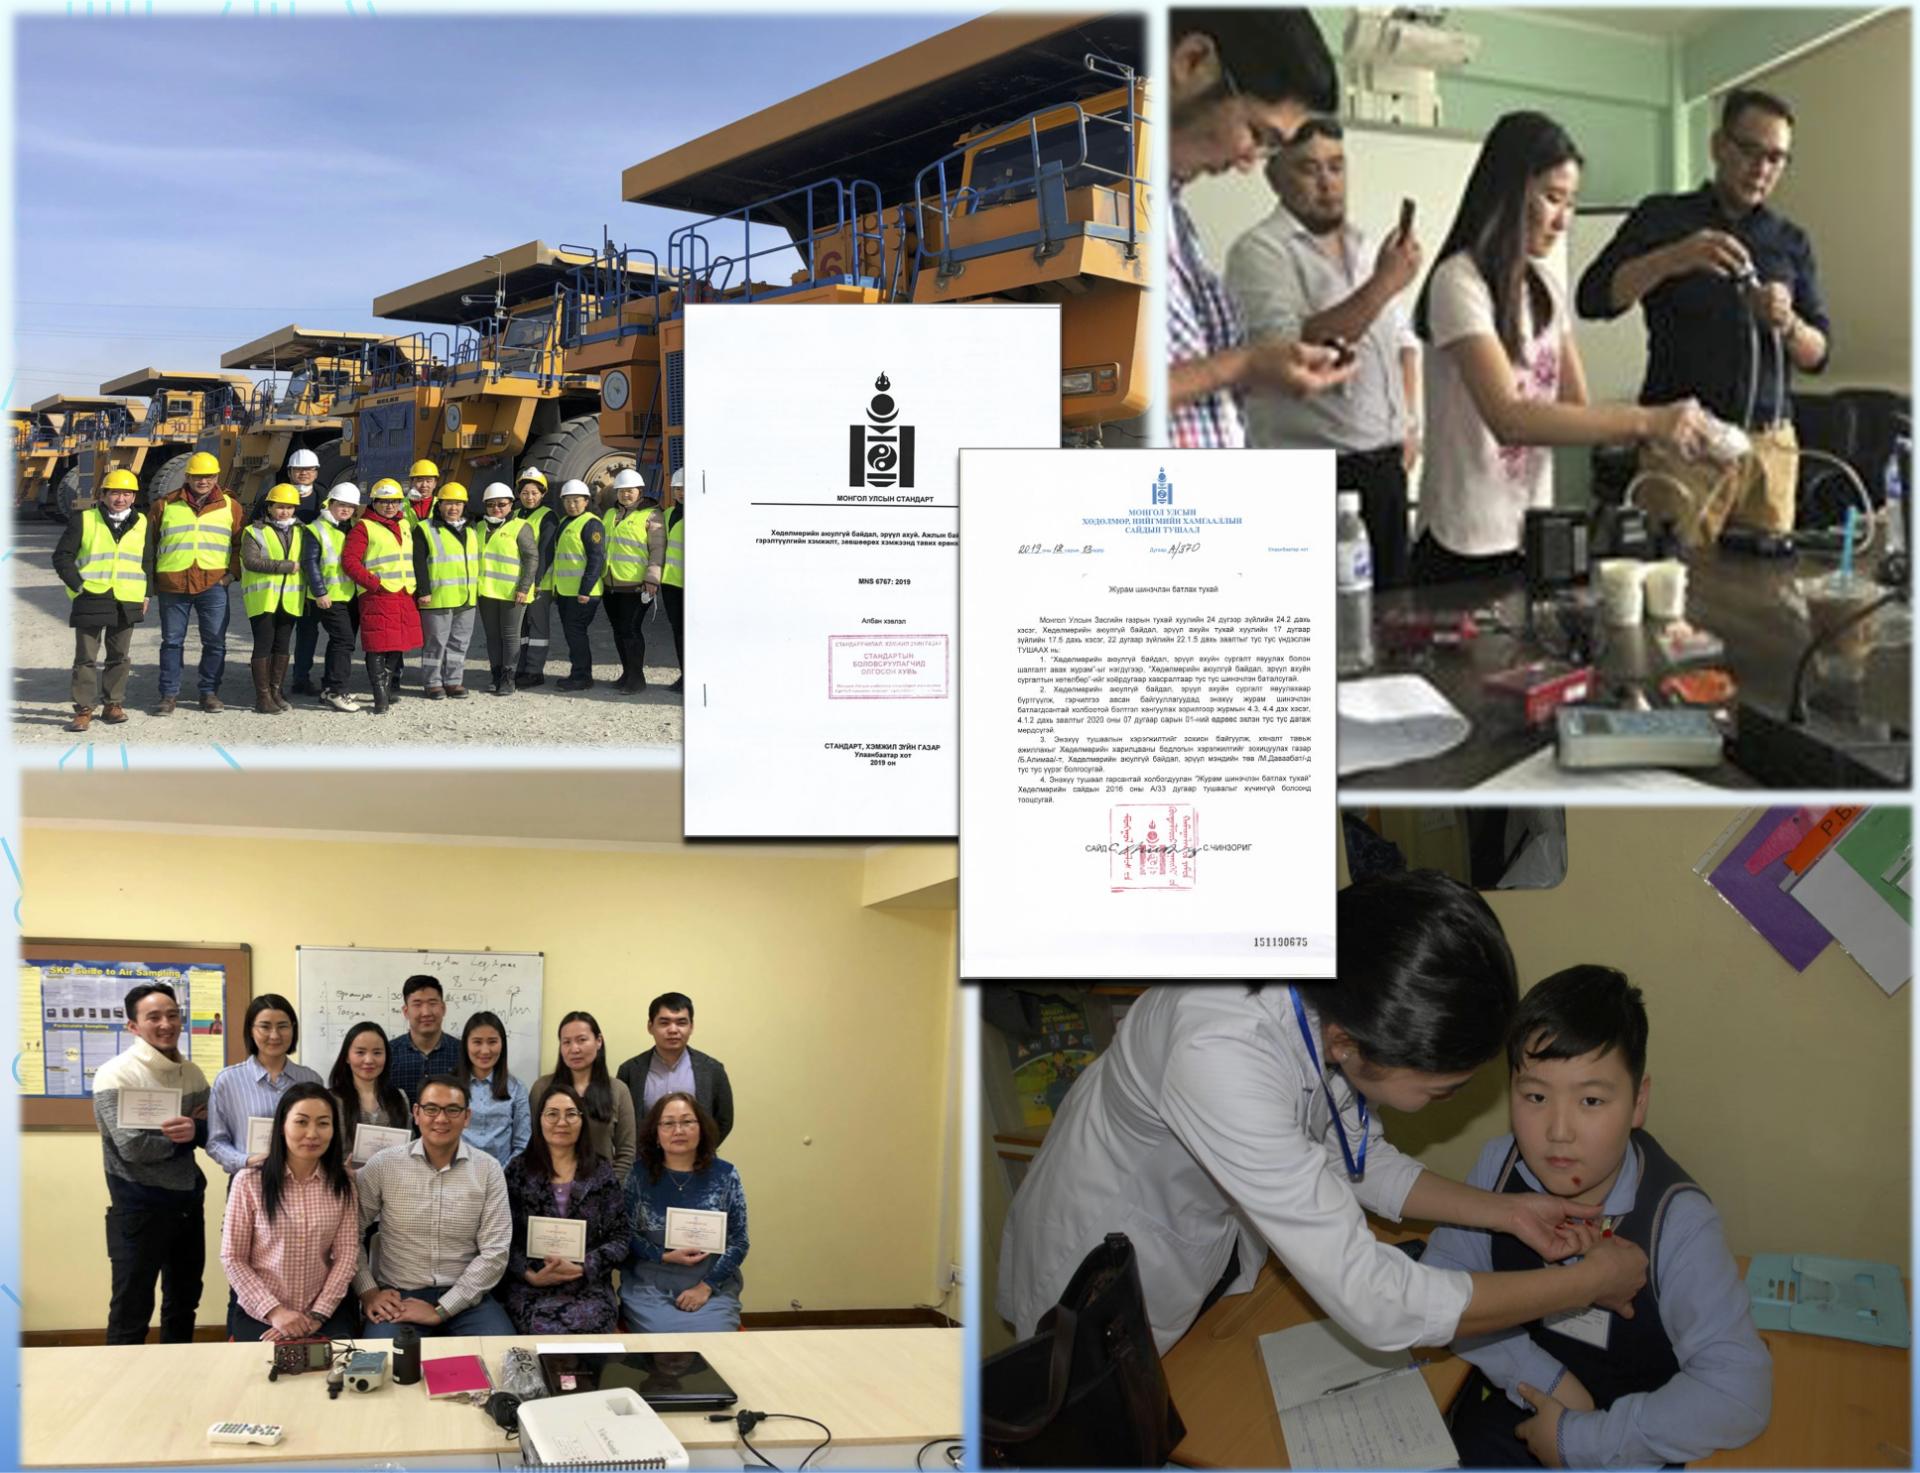 2017-2020 онд Монголын хөдөлмөрийн эрүүл ахуйчдын үндэсний холбооноос хэрэгжүүлсэн онцлох ажлууд